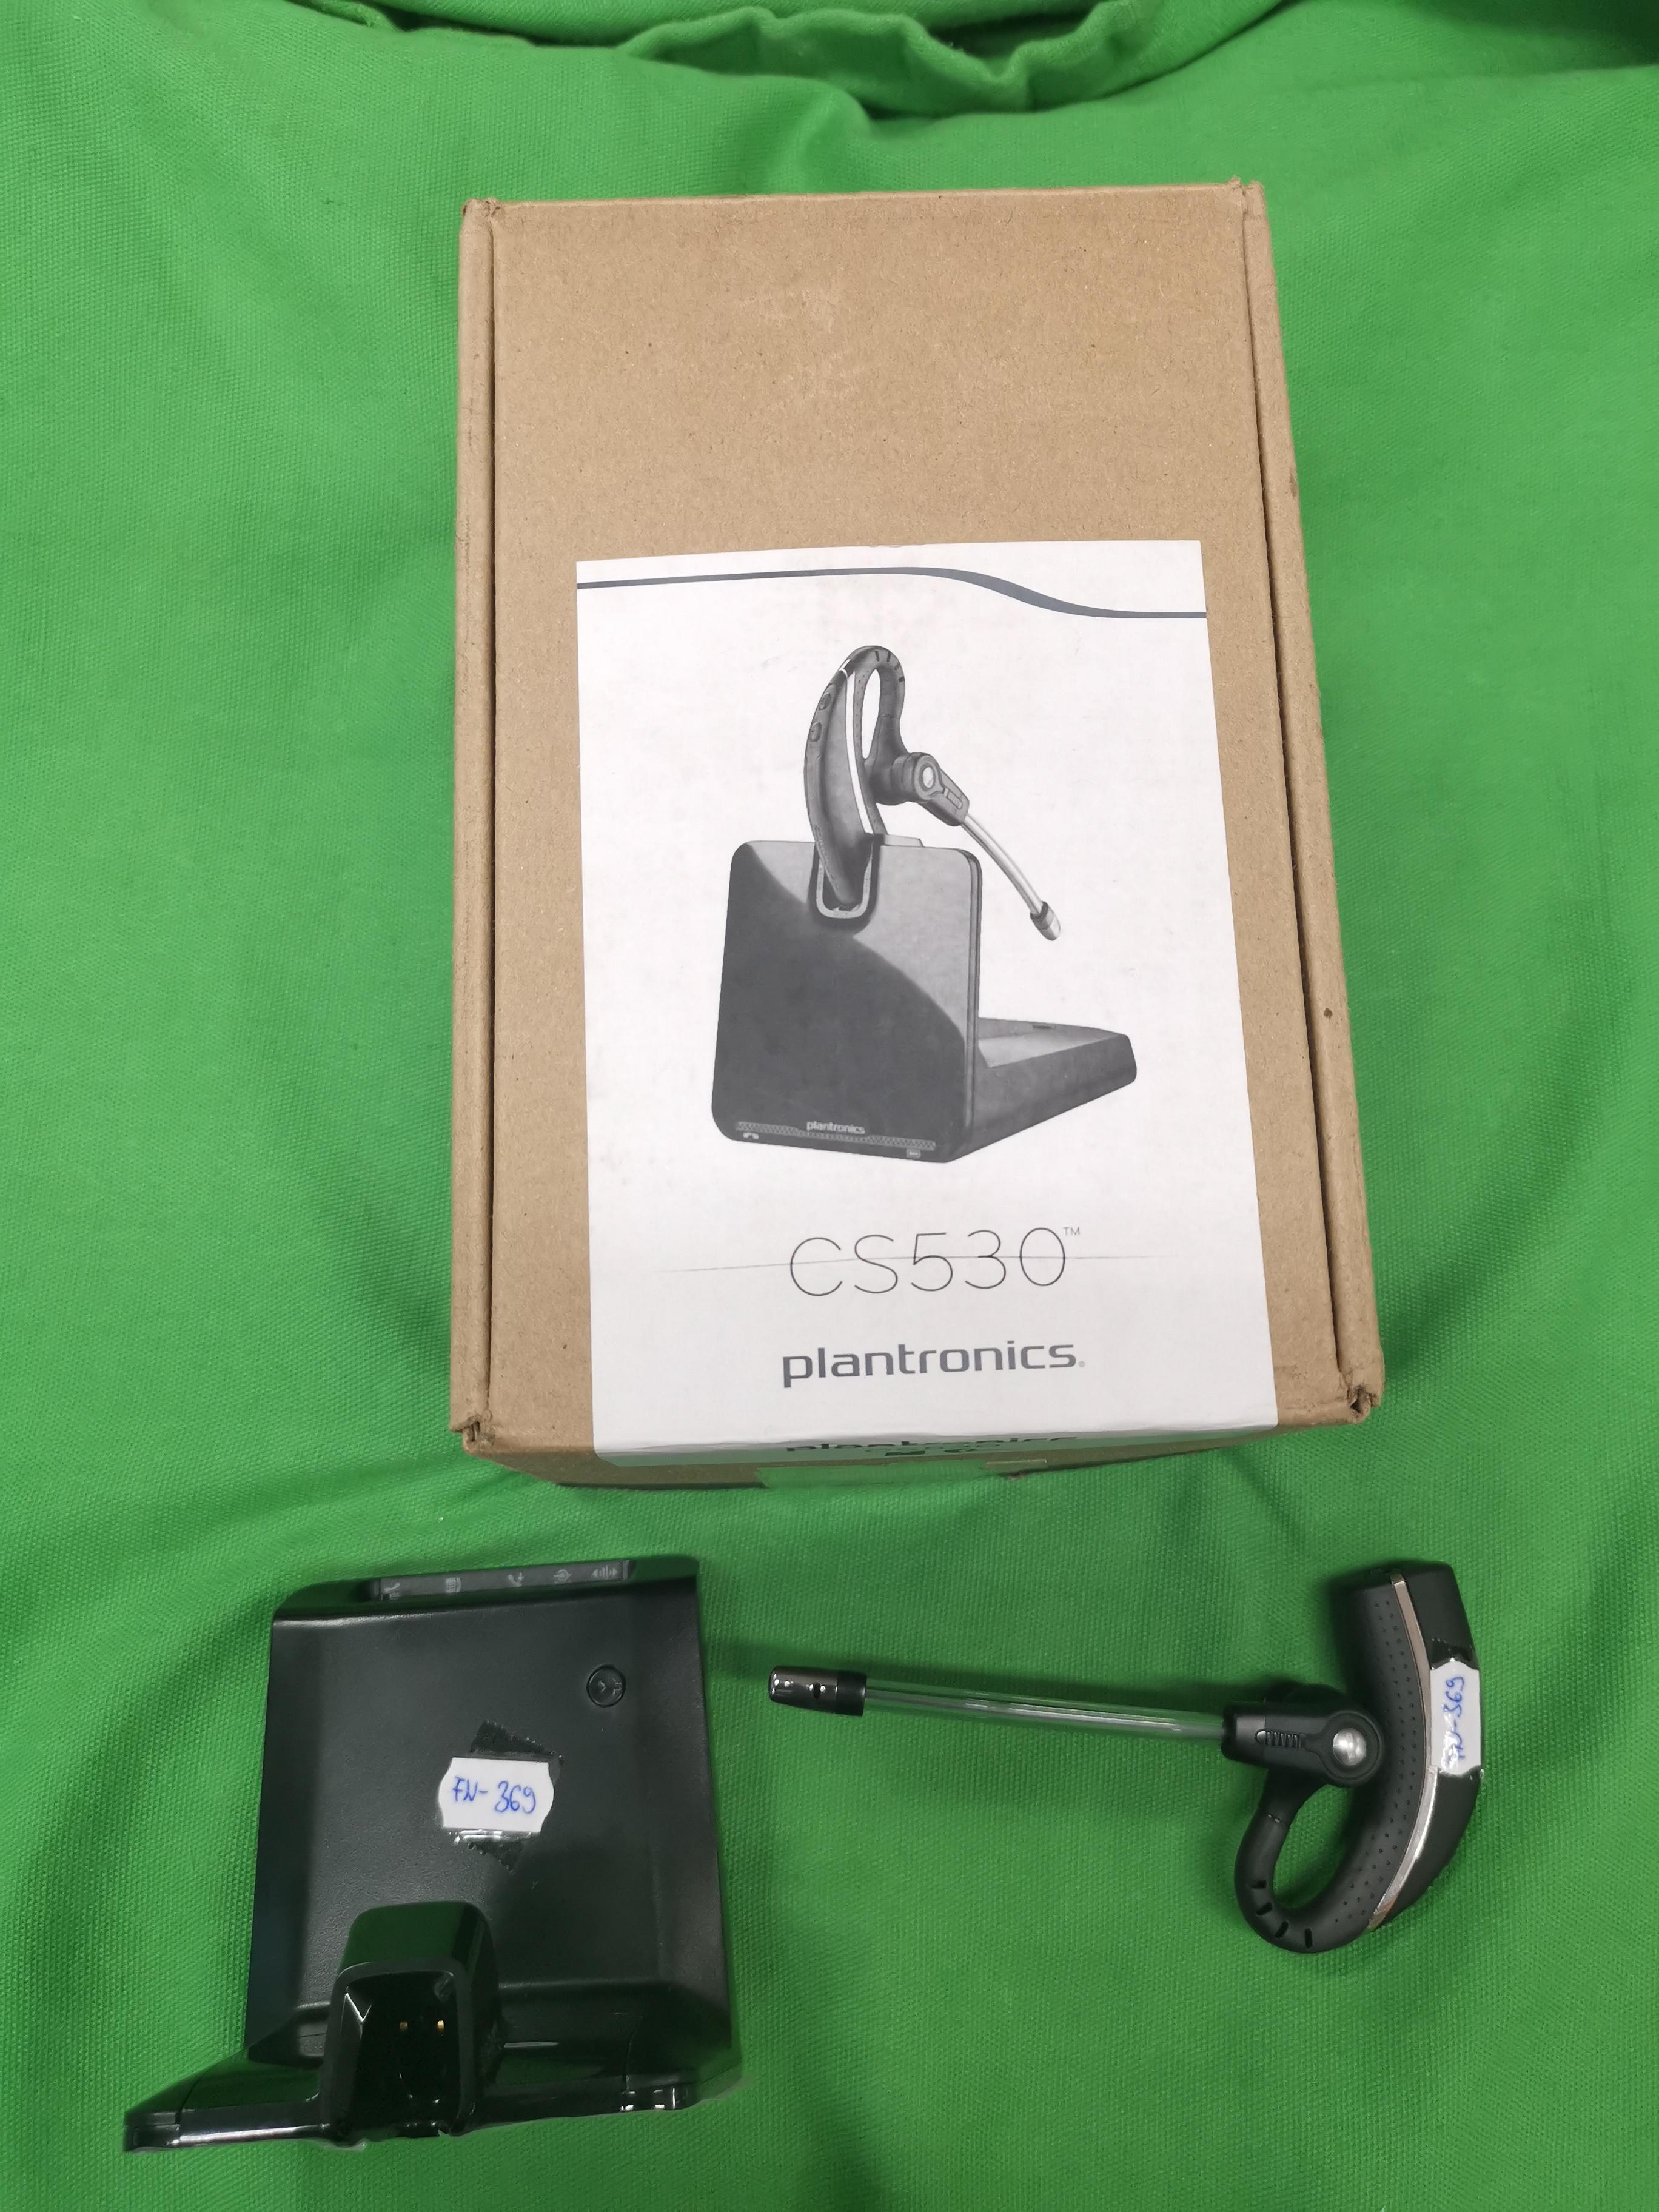 Plantronics CS530 headset, kiemelt kép